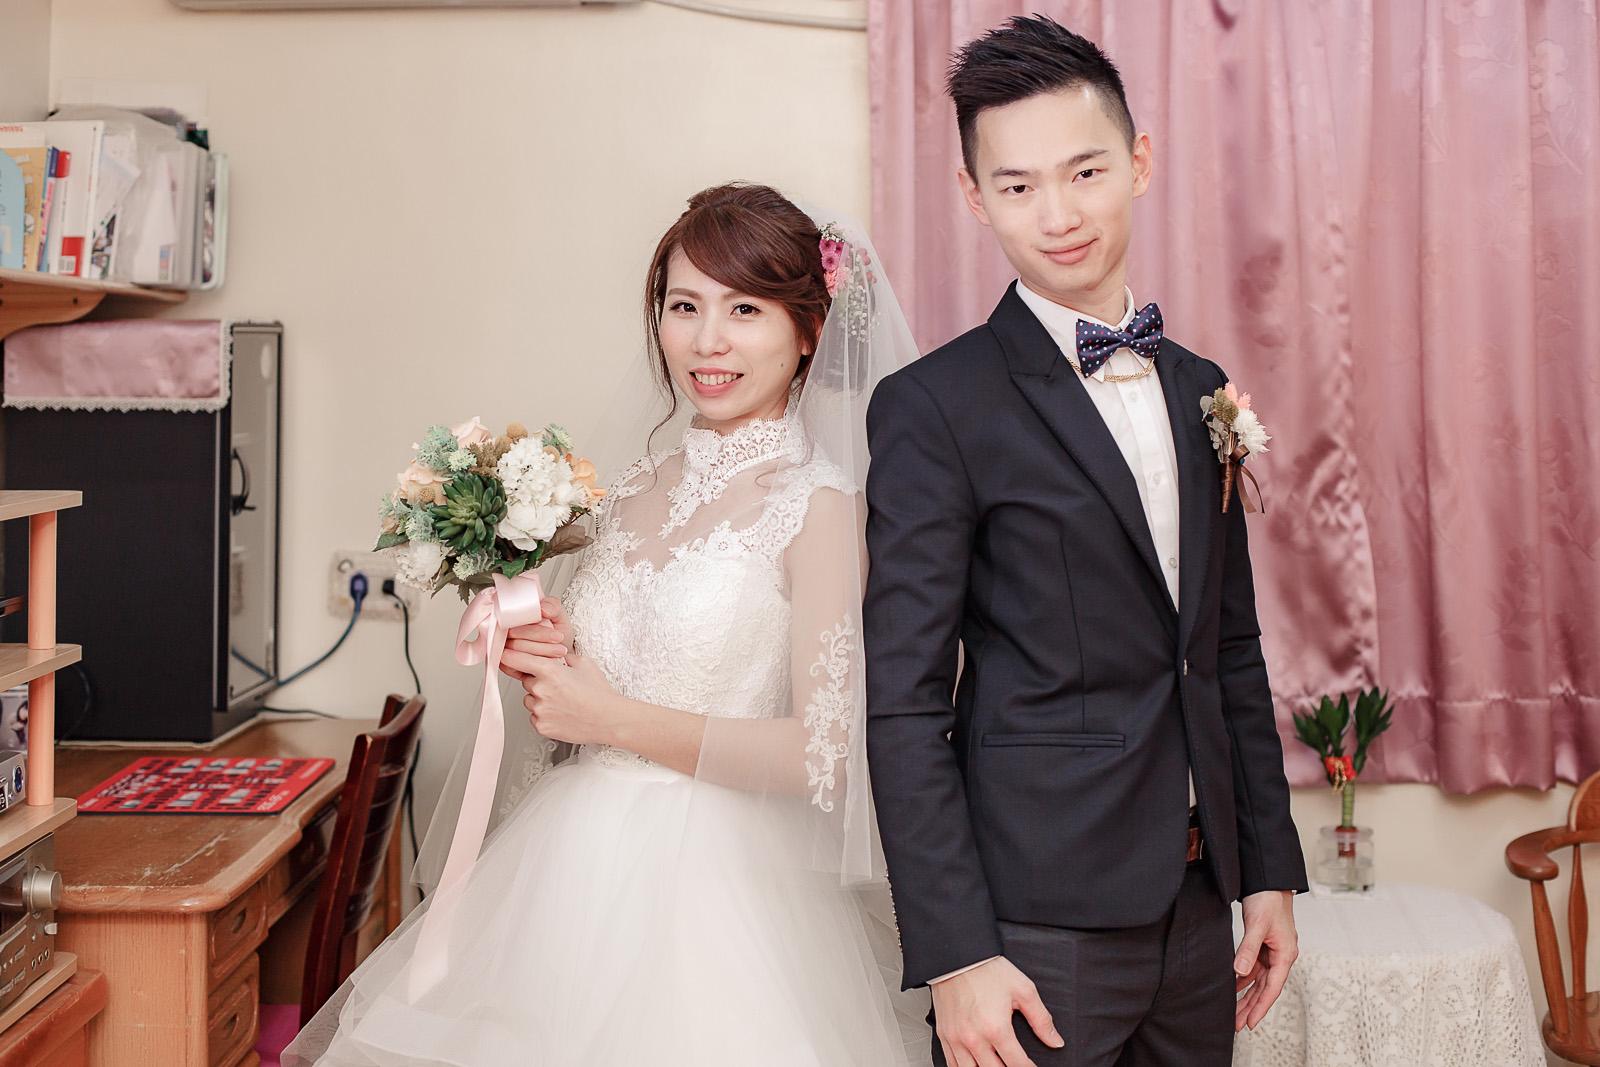 高雄圓山飯店,婚禮攝影,婚攝,高雄婚攝,優質婚攝推薦,Jen&Ethan-193